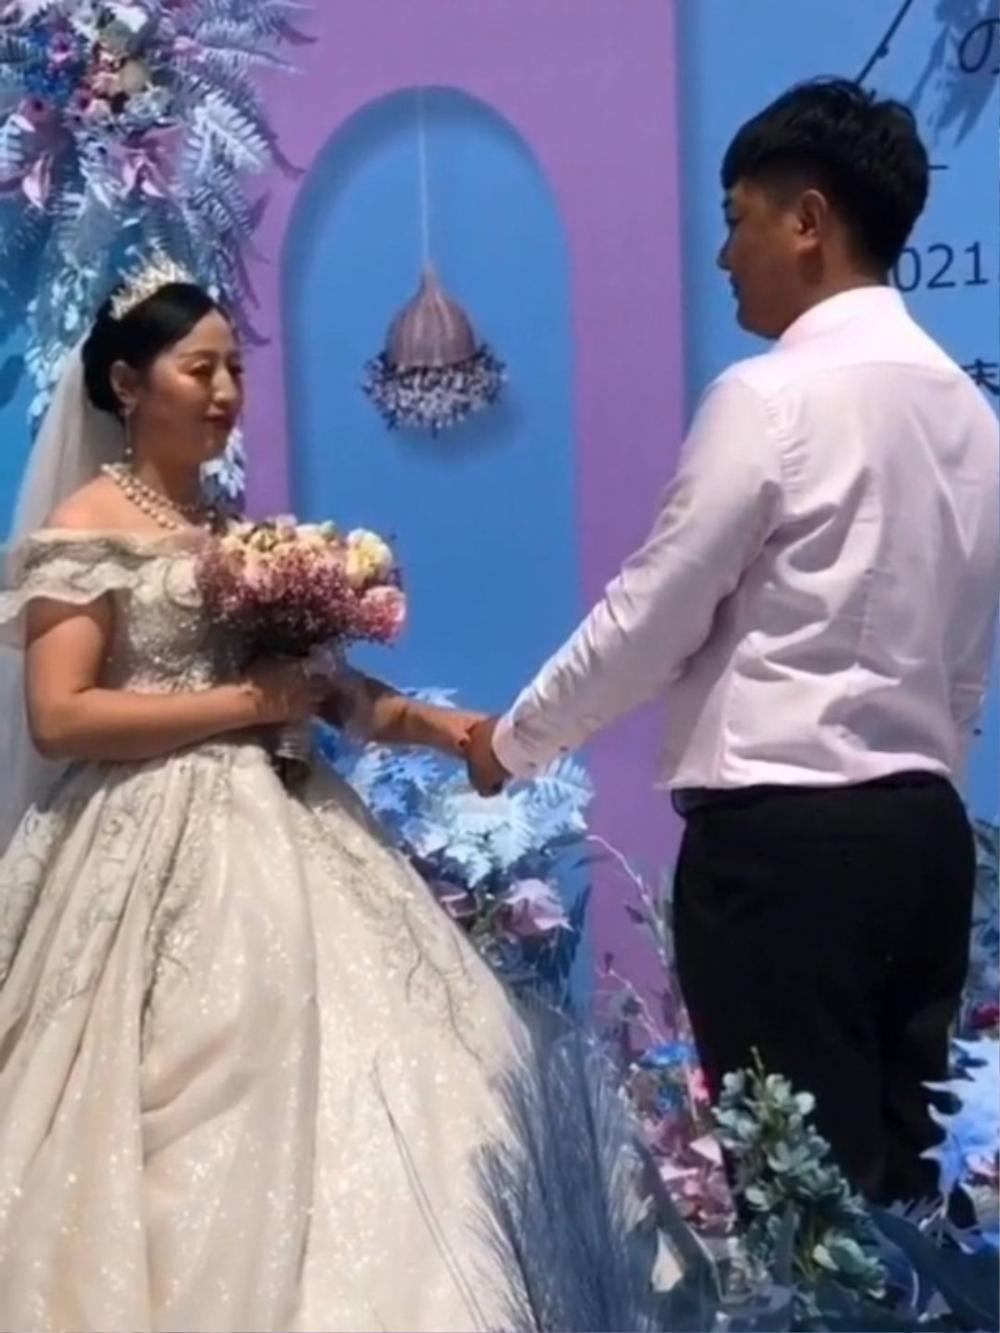 Cô dâu 50 tuổi cưới chú rể đáng tuổi con, mẹ chồng có thái độ bất ngờ Ảnh 1